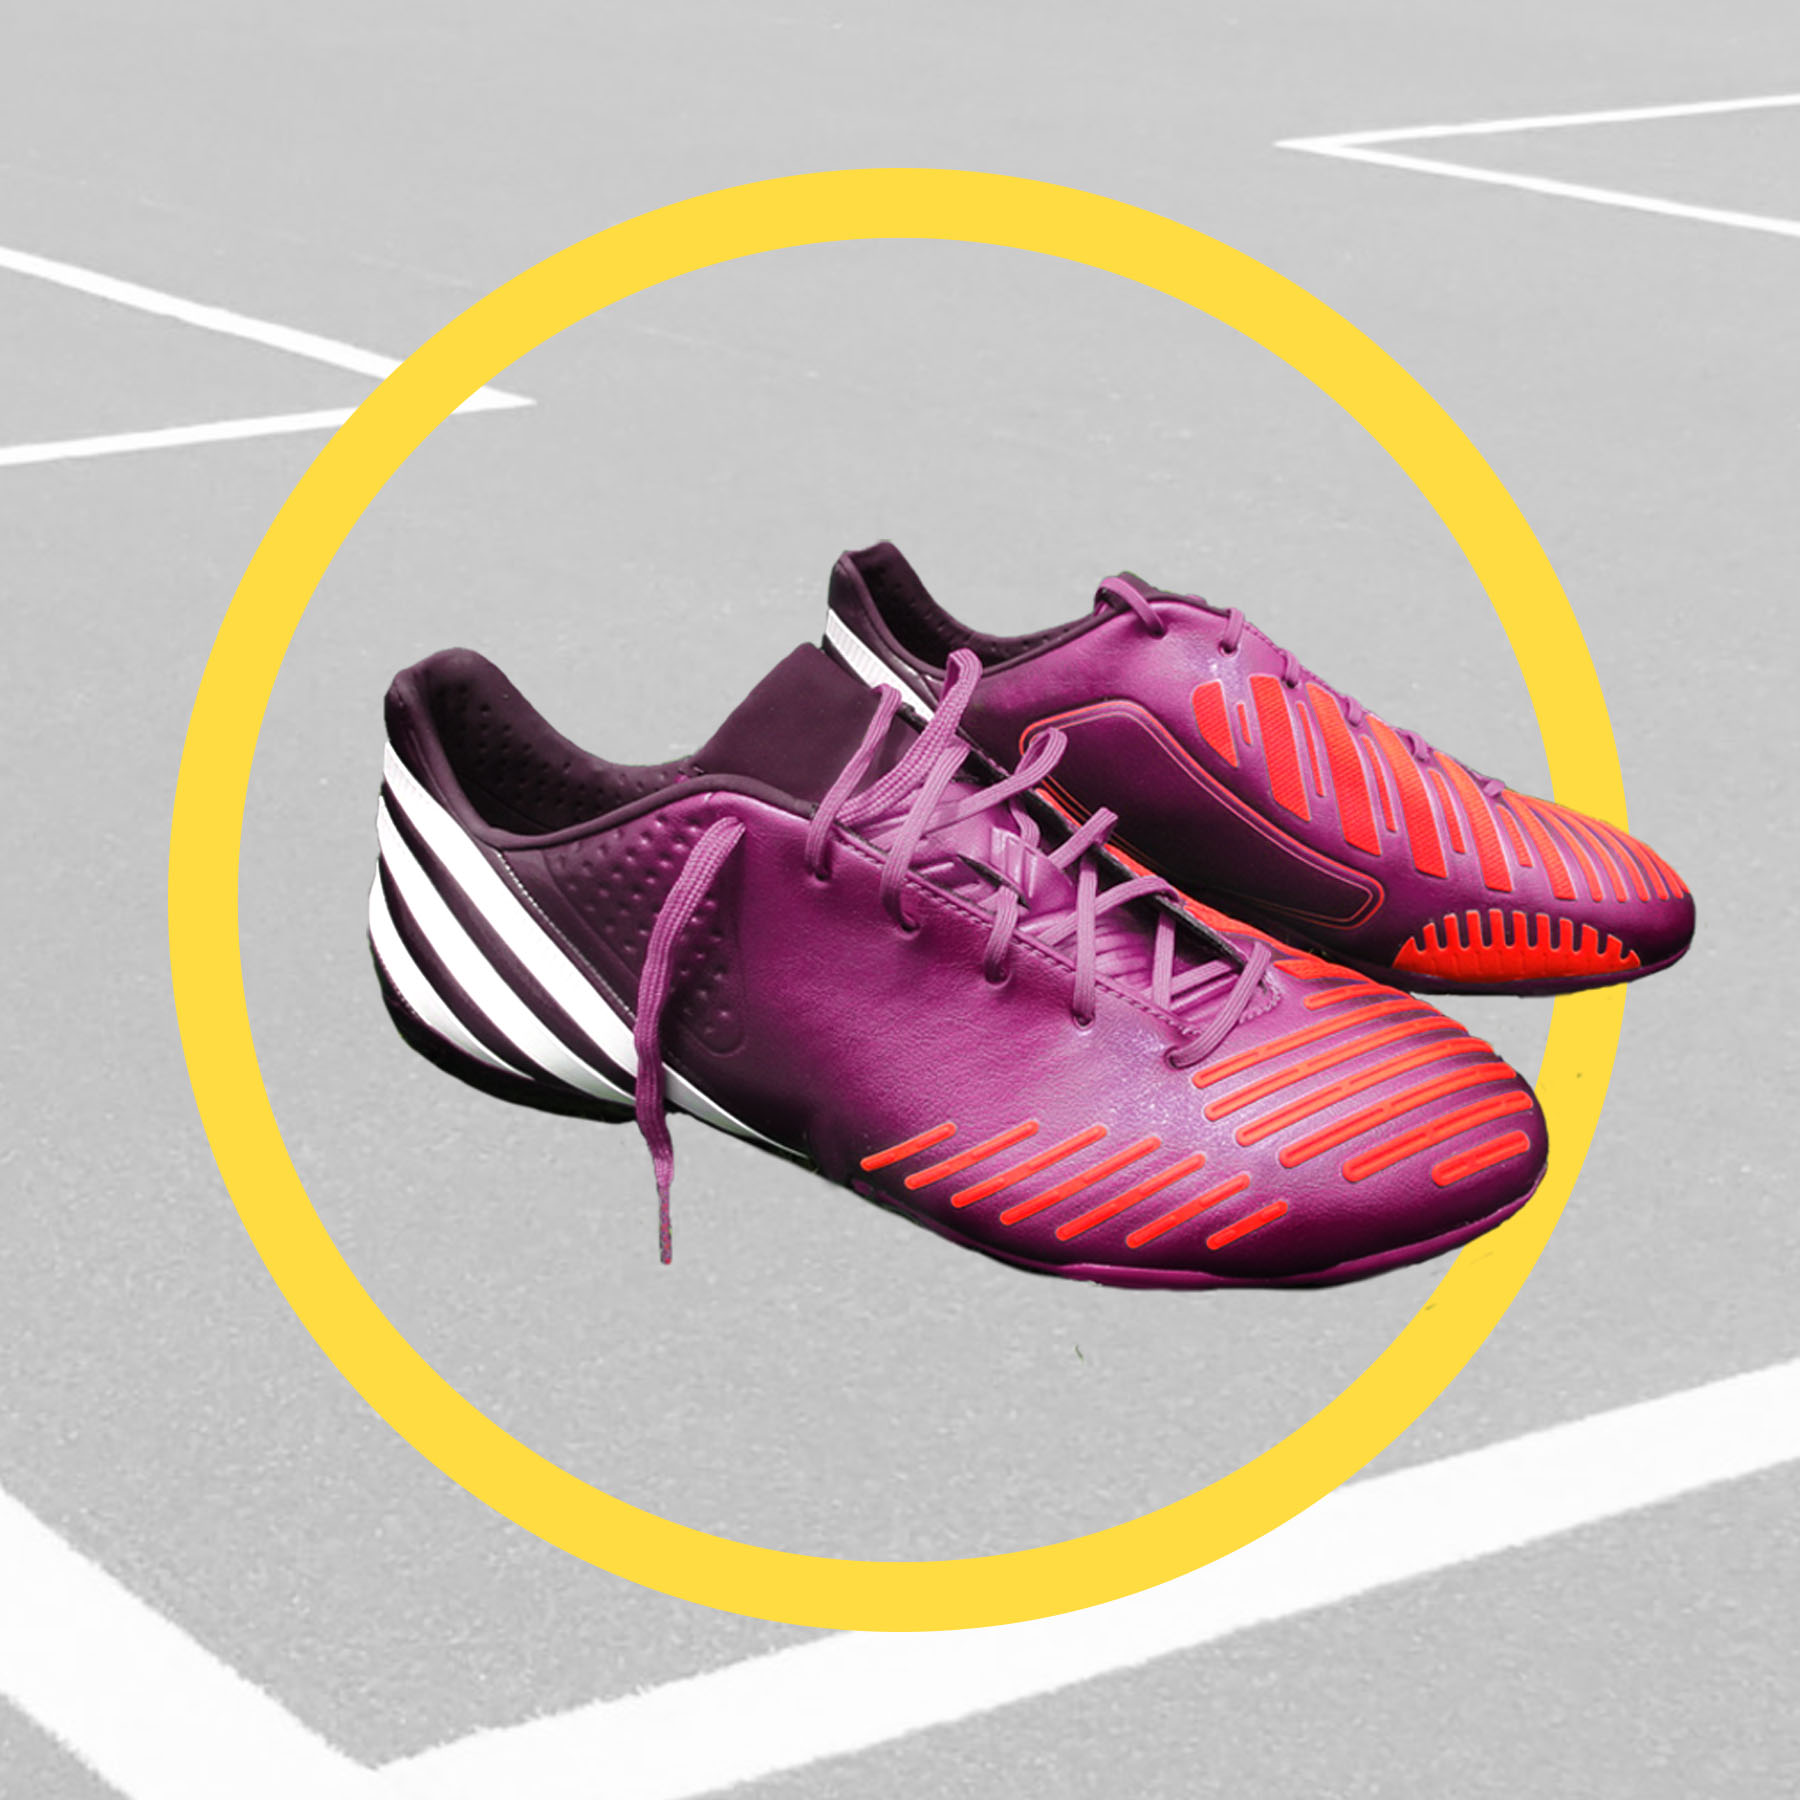 Soccer Training_Product Image_v1.1_WSC.jpg